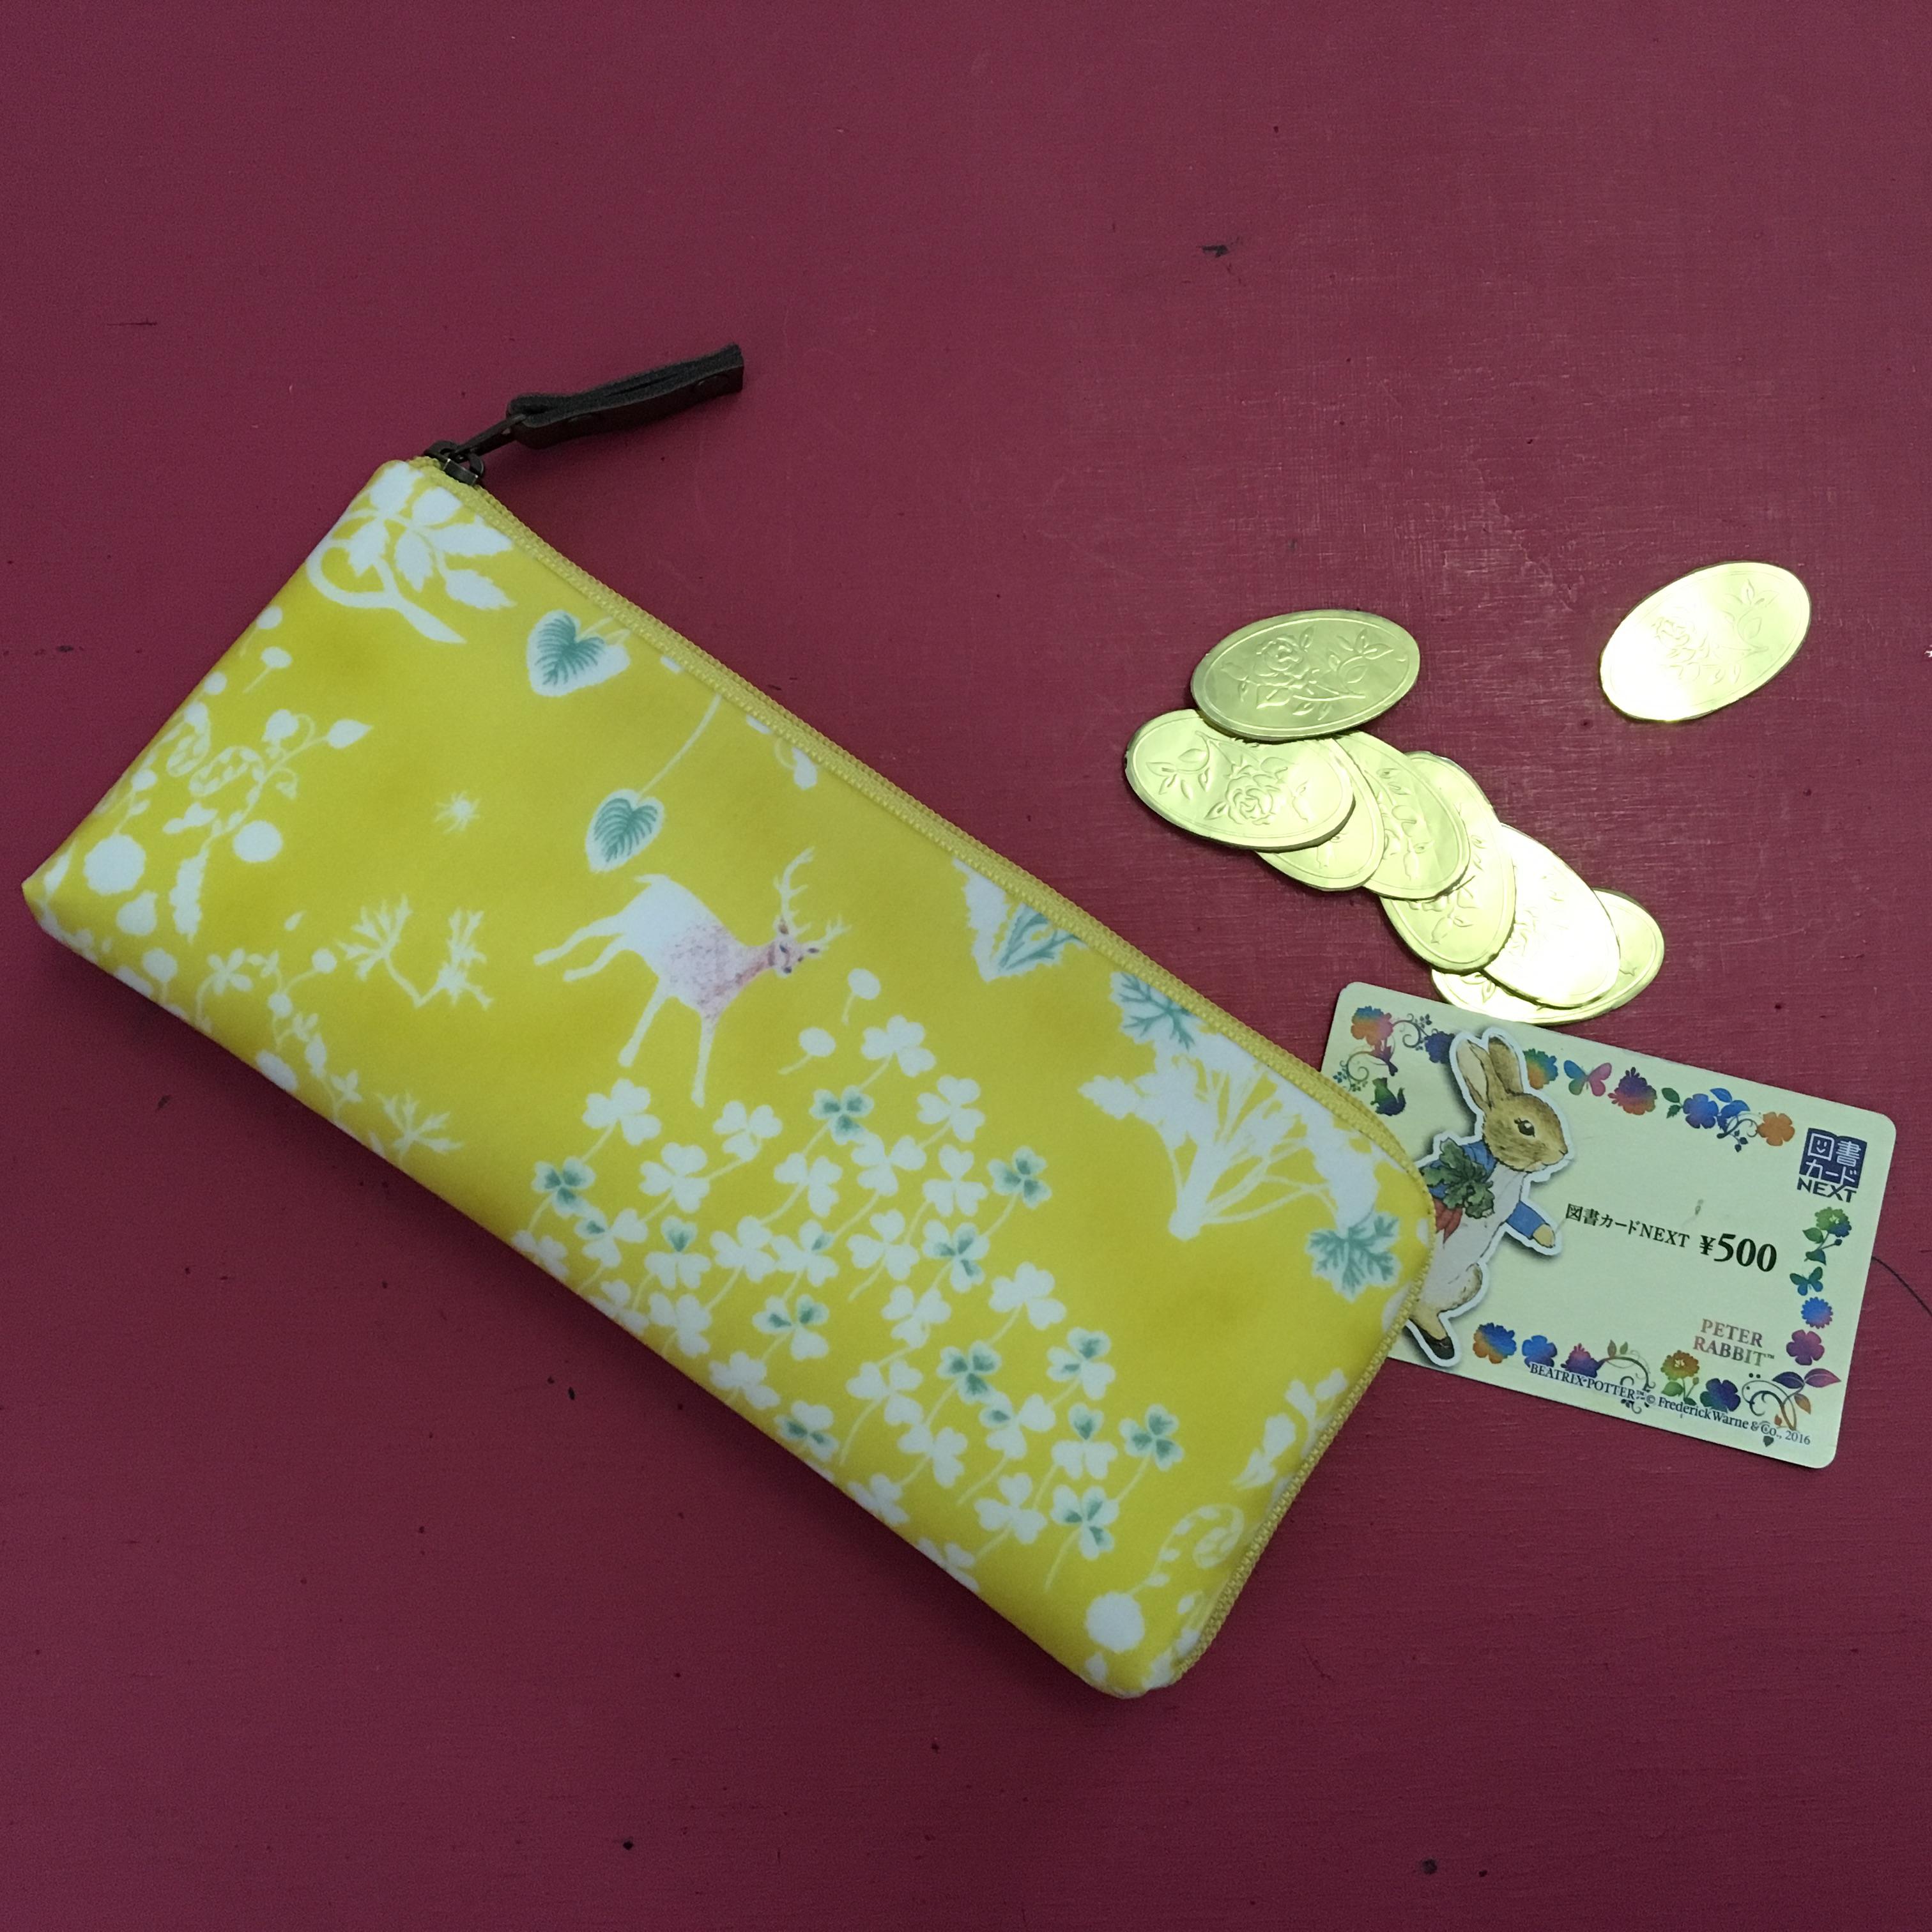 ロングウォレット (L字財布)の作り方について